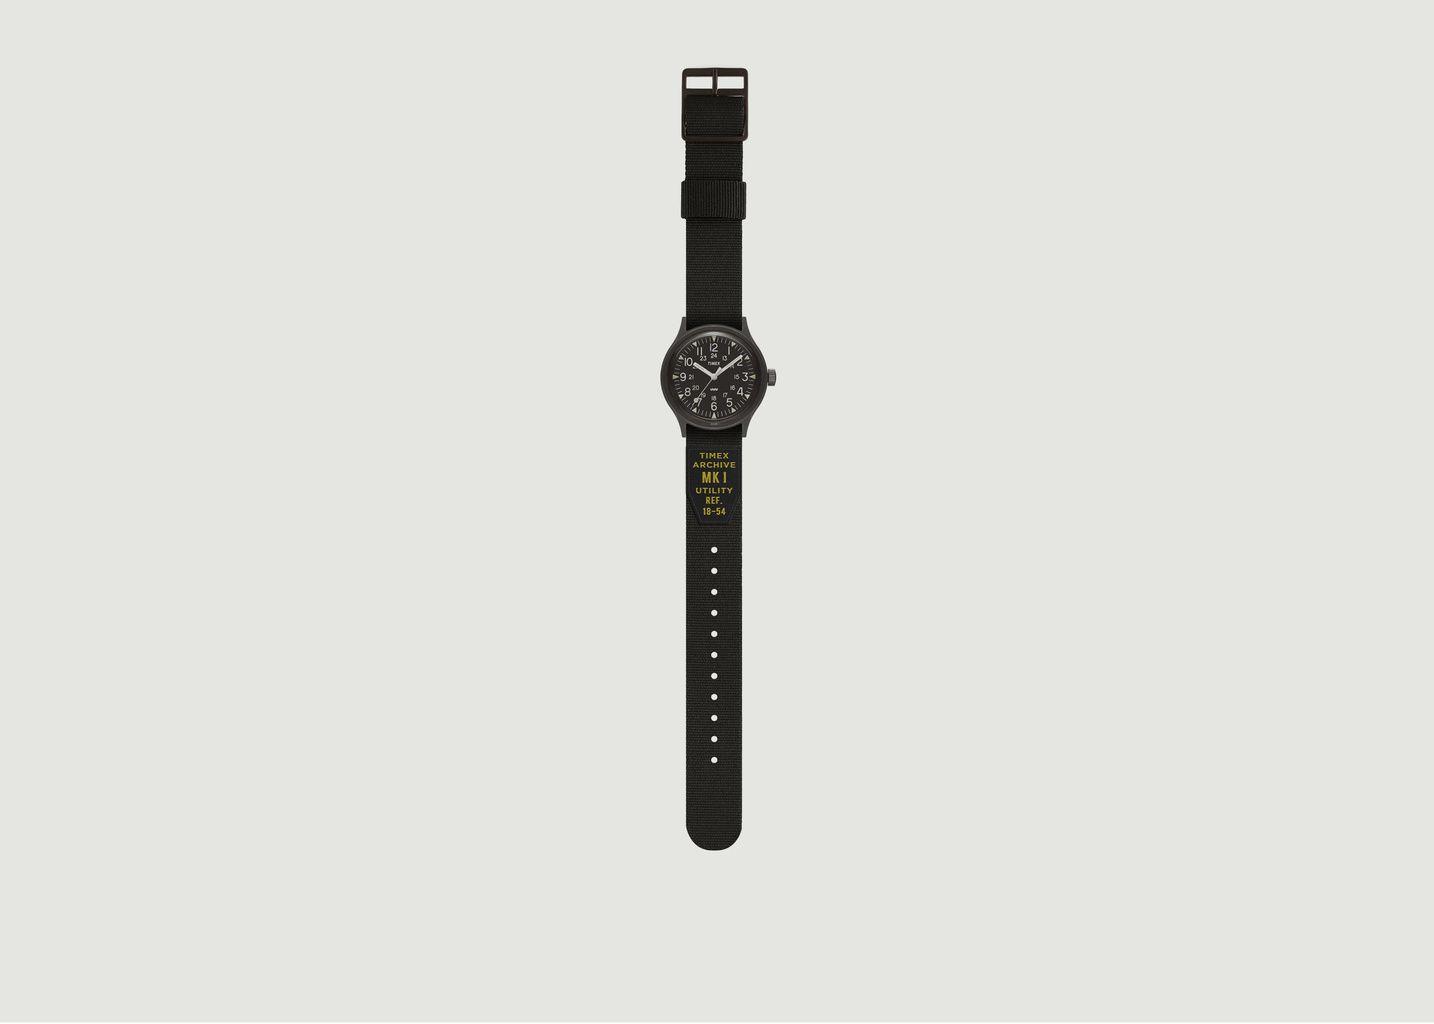 Montre MK1 Camper - Timex Archive